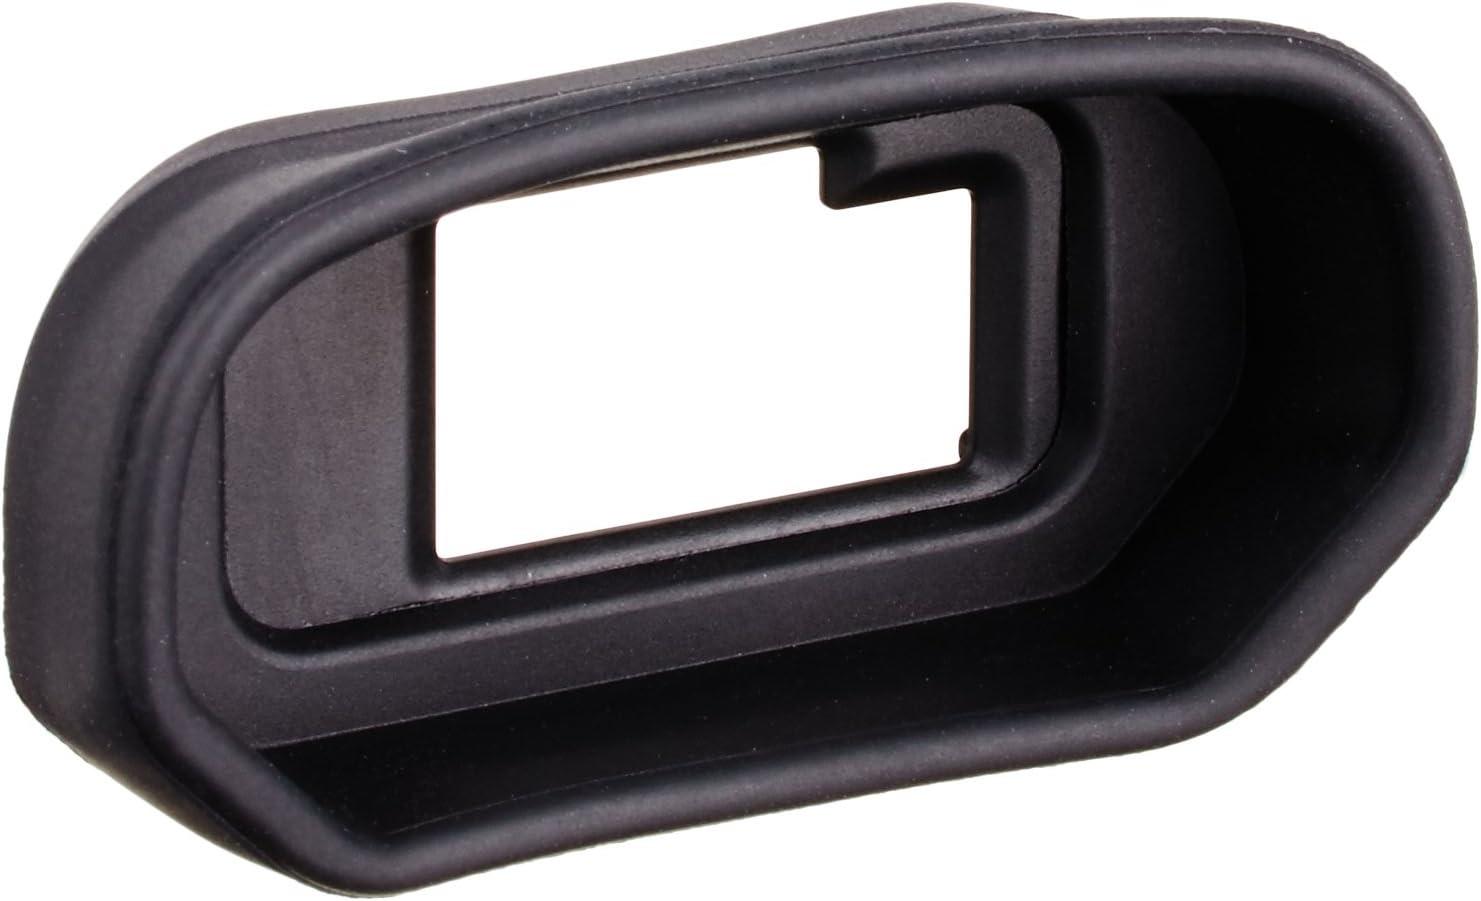 Olympus EP-11 Detachable Eyepiece for OMD EM-5